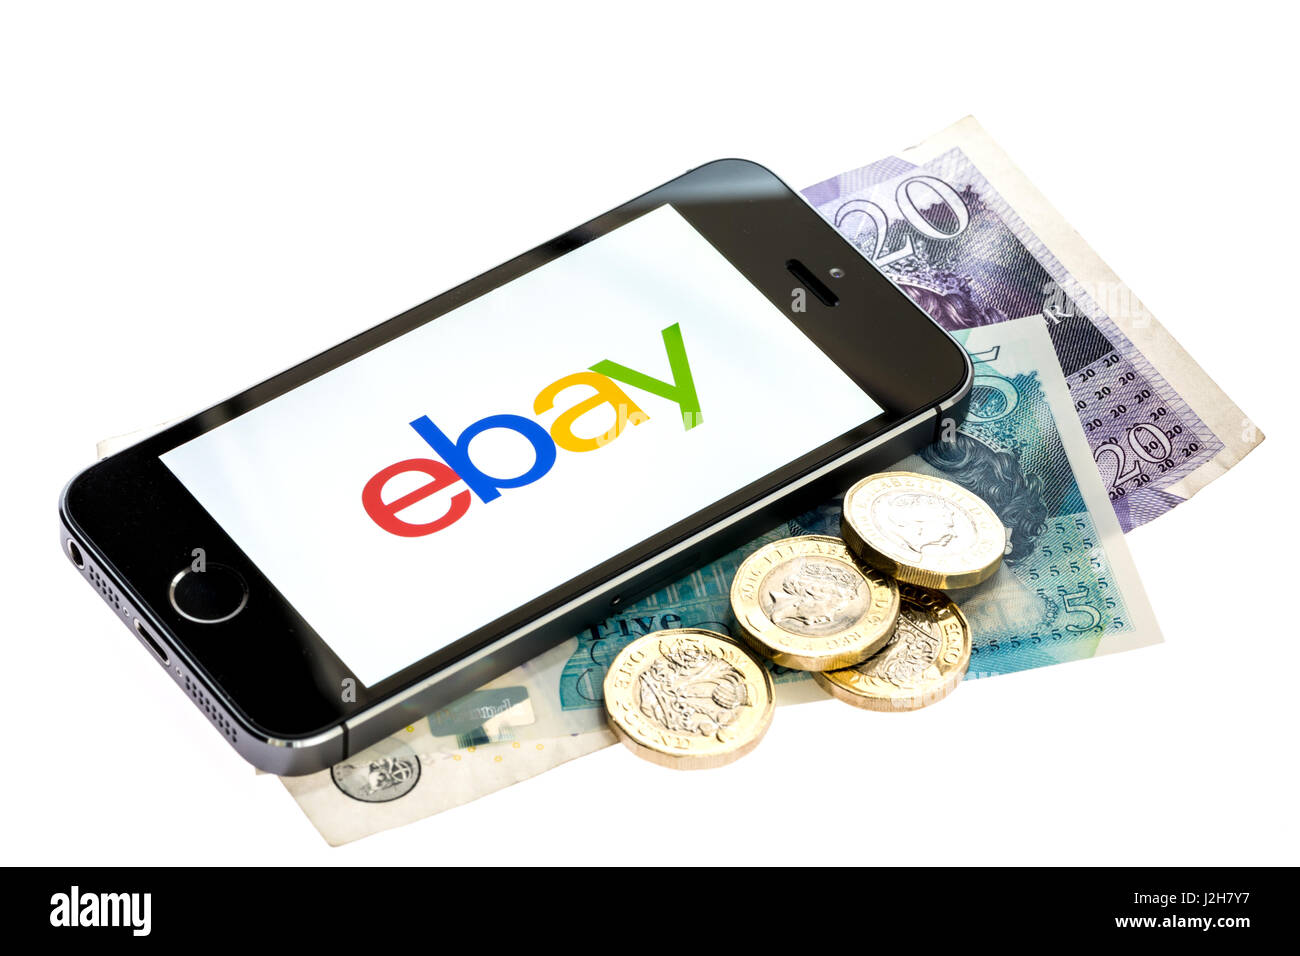 Making money on ebay - Stock Image